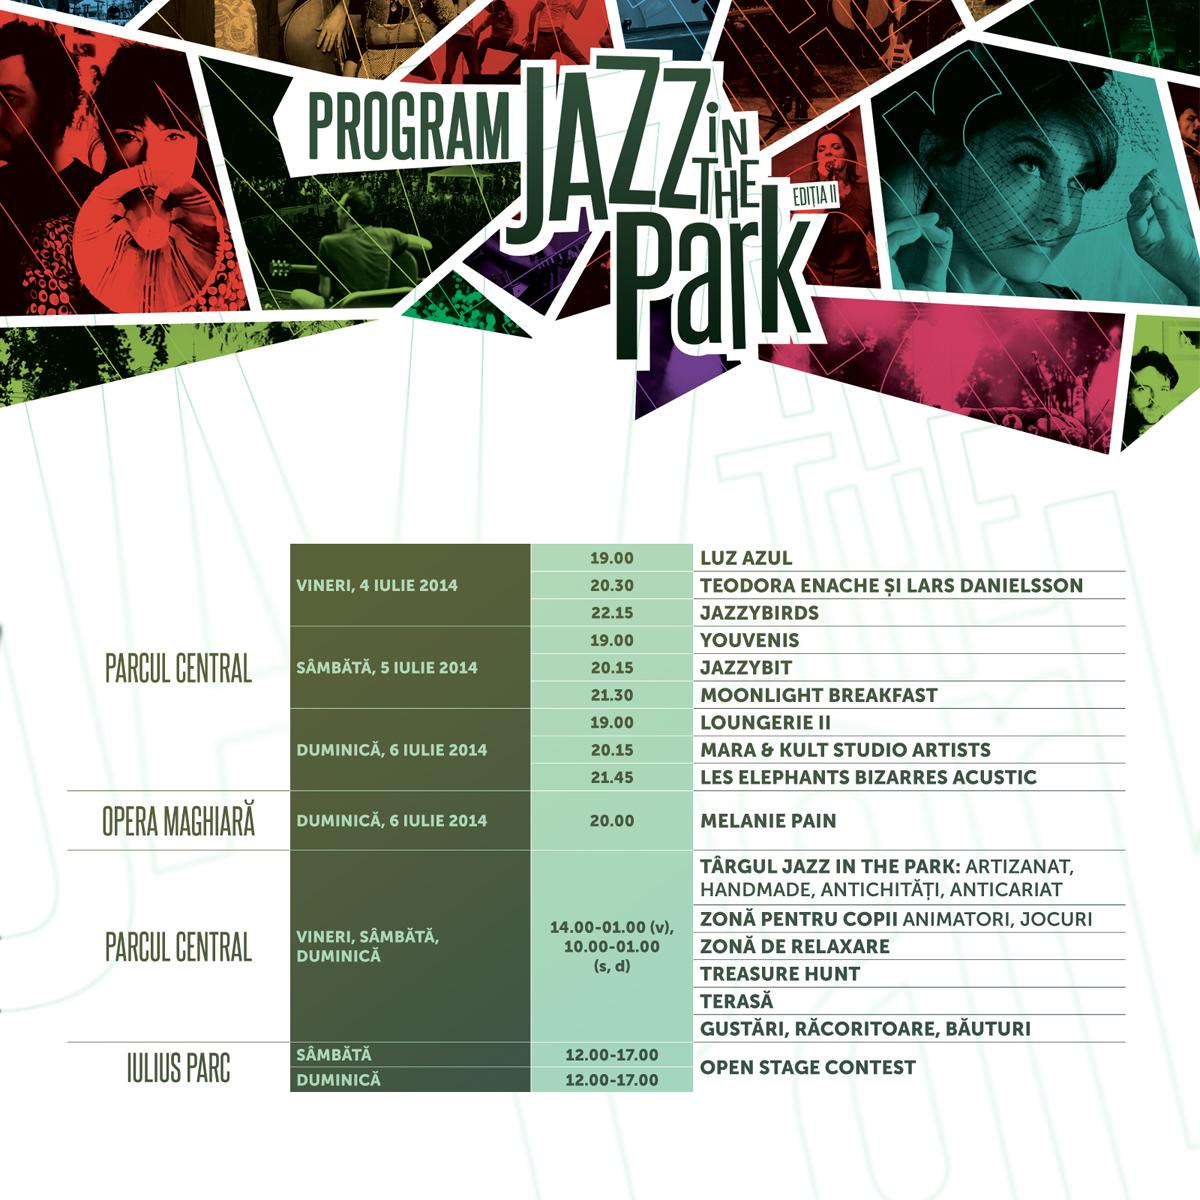 Program Jazz in the Park